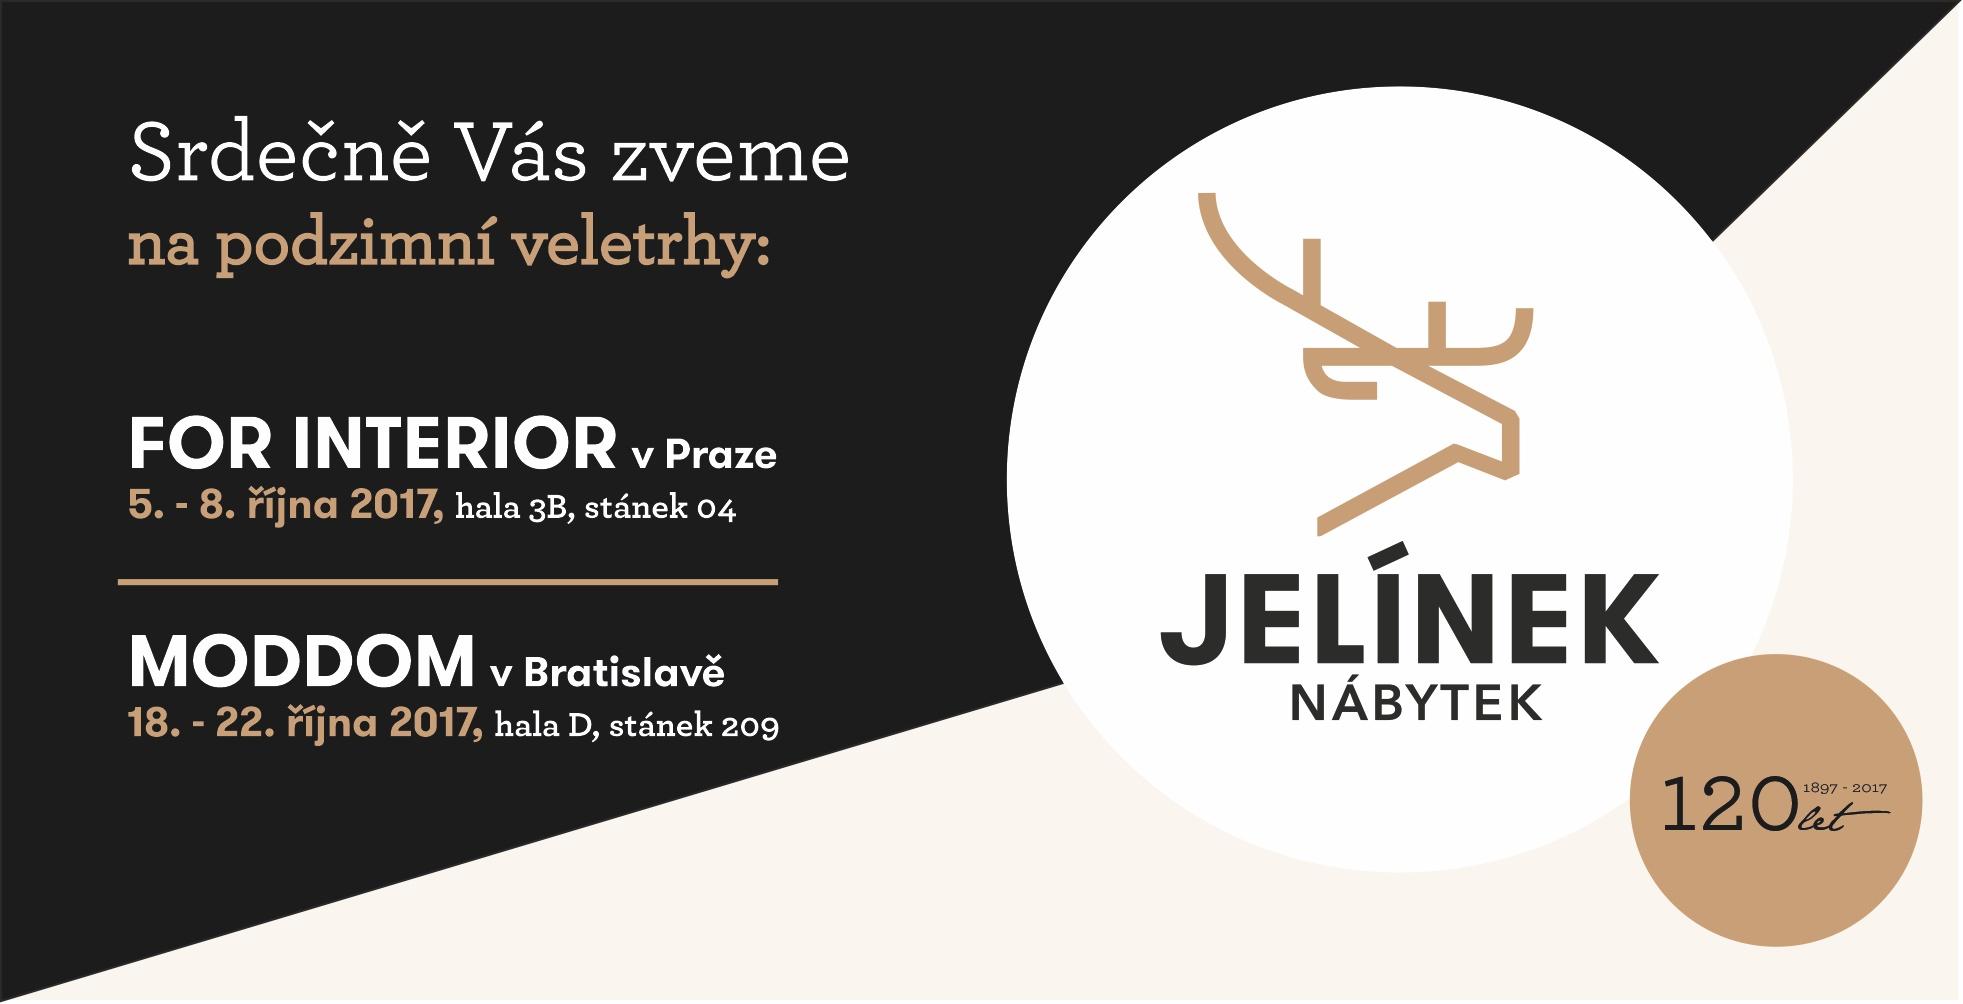 Navštívte nás na jesenných veľtrhoch v Prahe a Bratislave